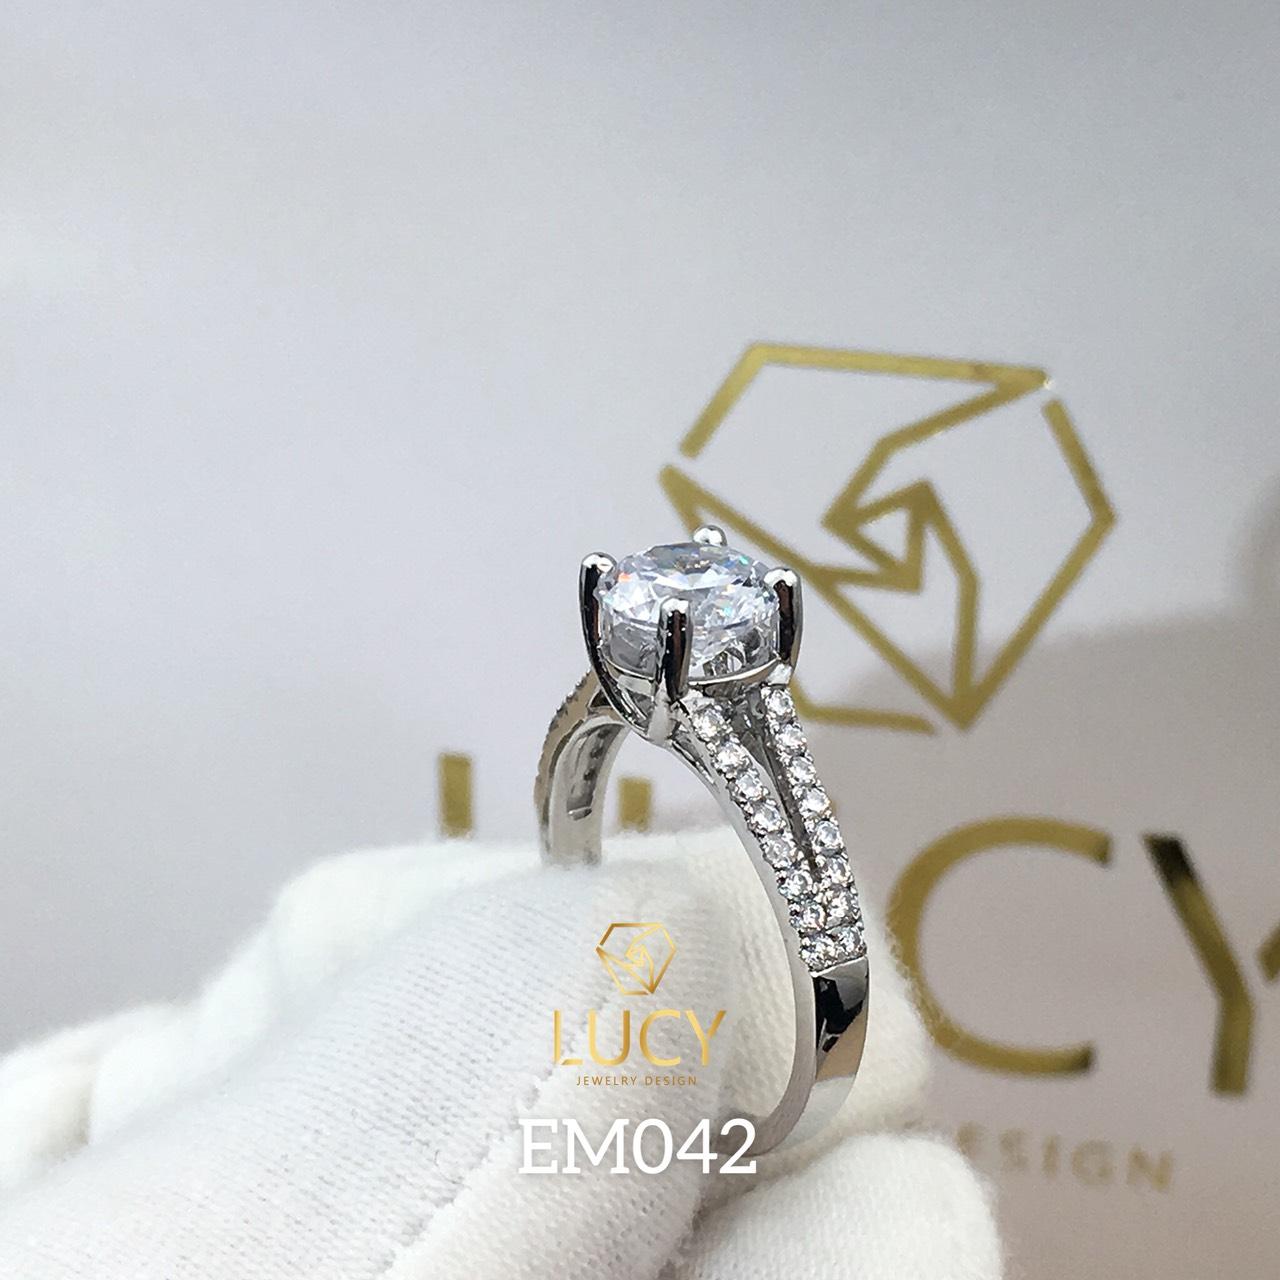 EM042 Nhẫn nữ vàng, nhẫn ổ 7mm, nhẫn nữ thiết kế, nhẫn cầu hôn, nhẫn đính hôn - Lucy Jewelry